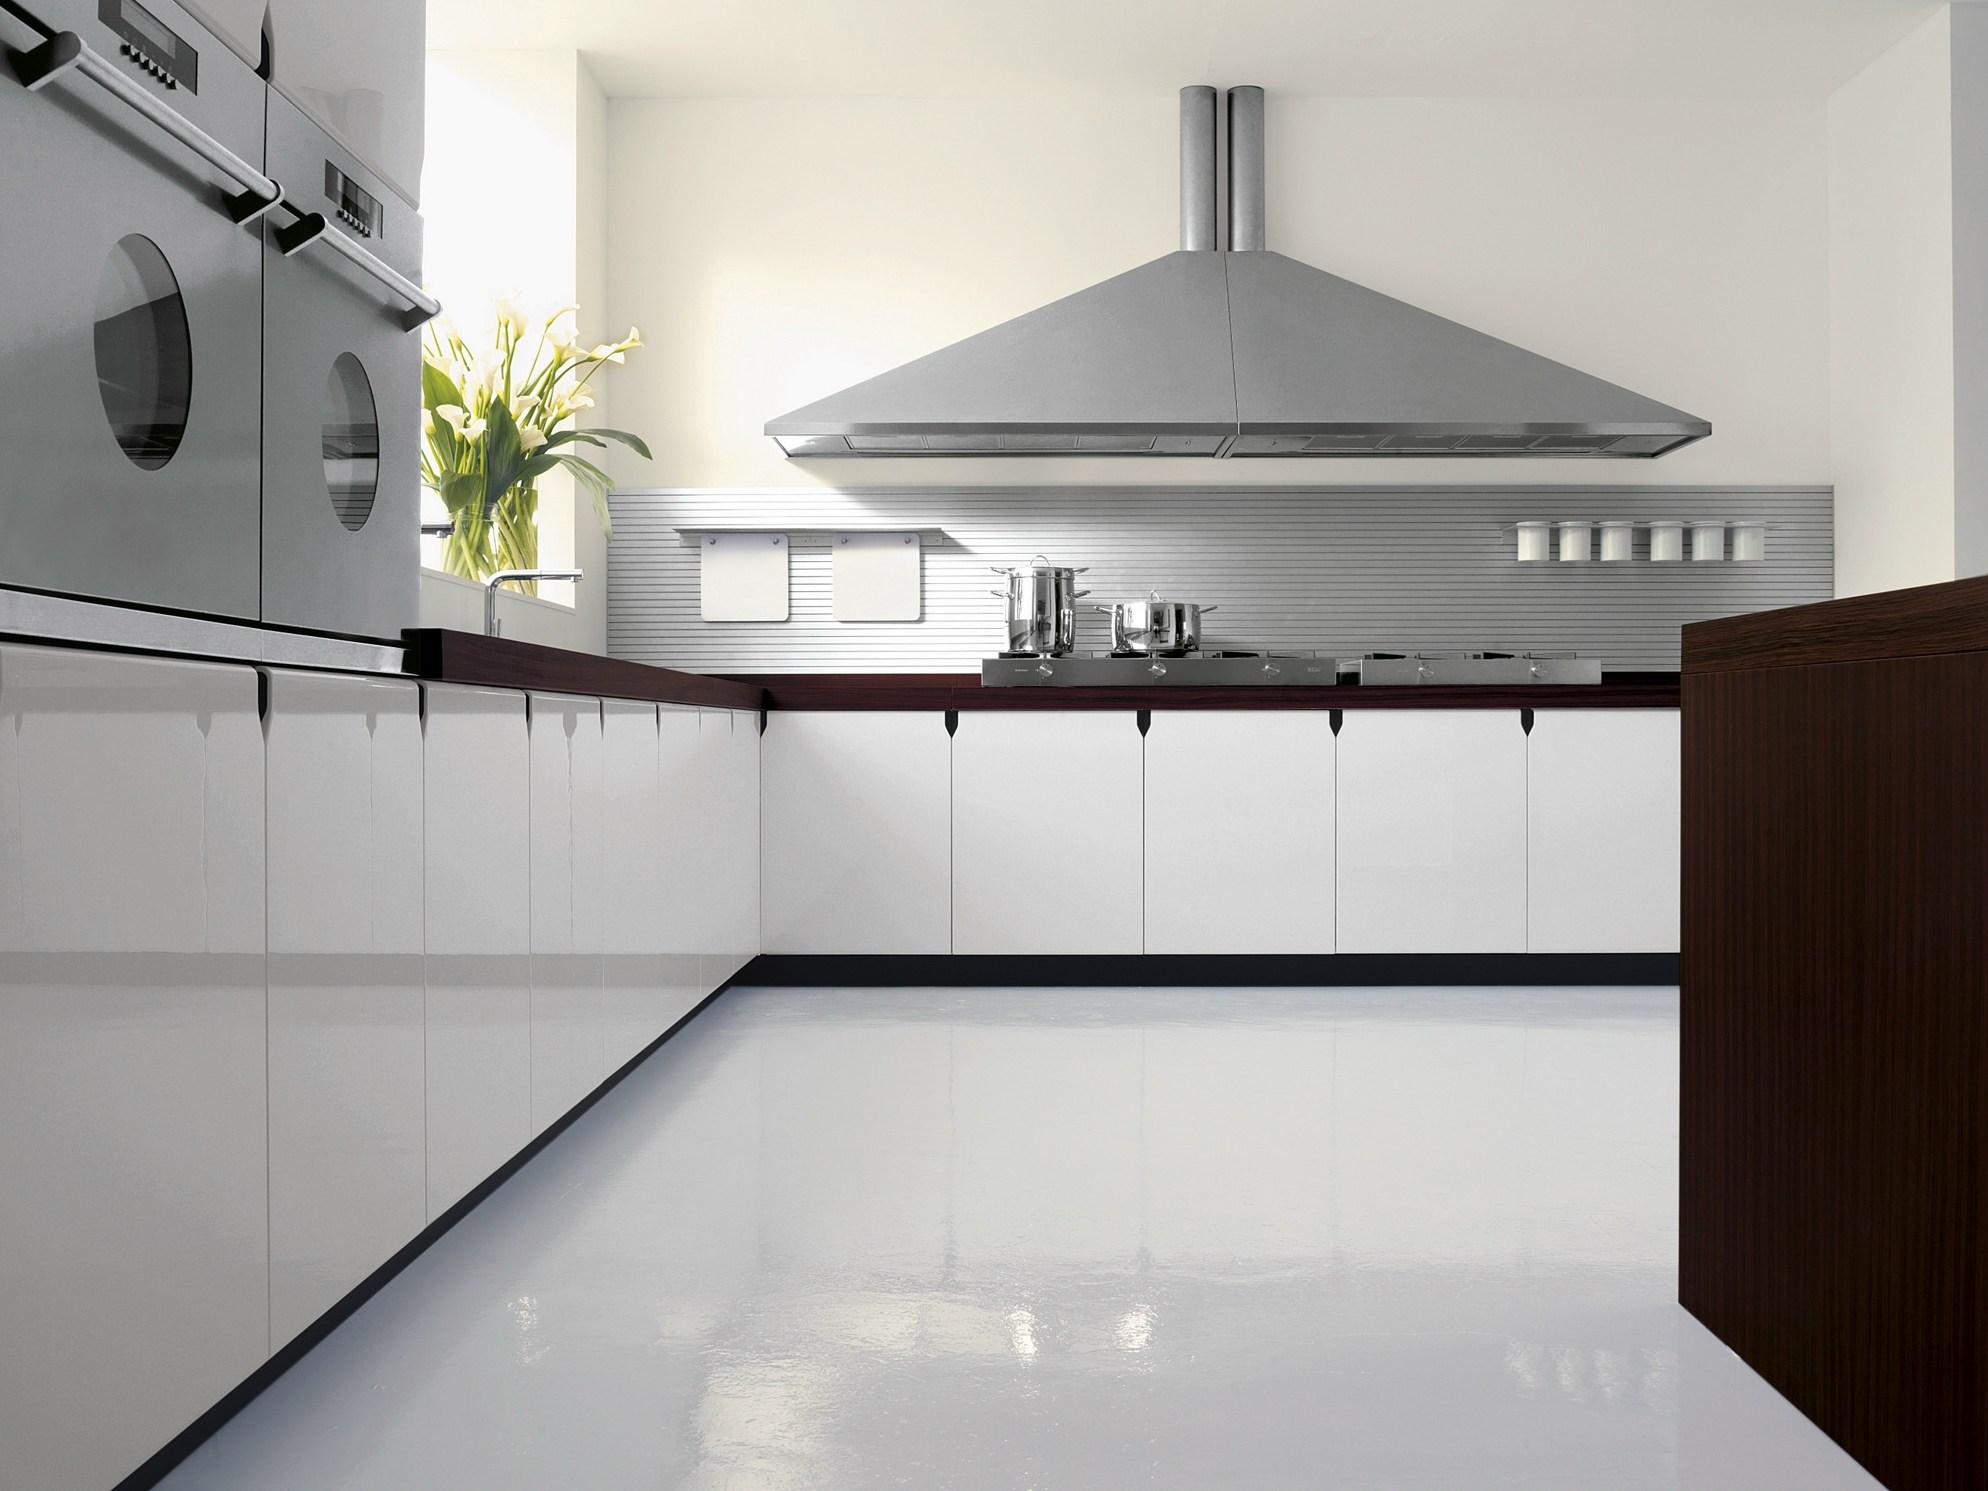 Cucina cina di schiffini design vico magistretti arredamento design - Schiffini cucine ...